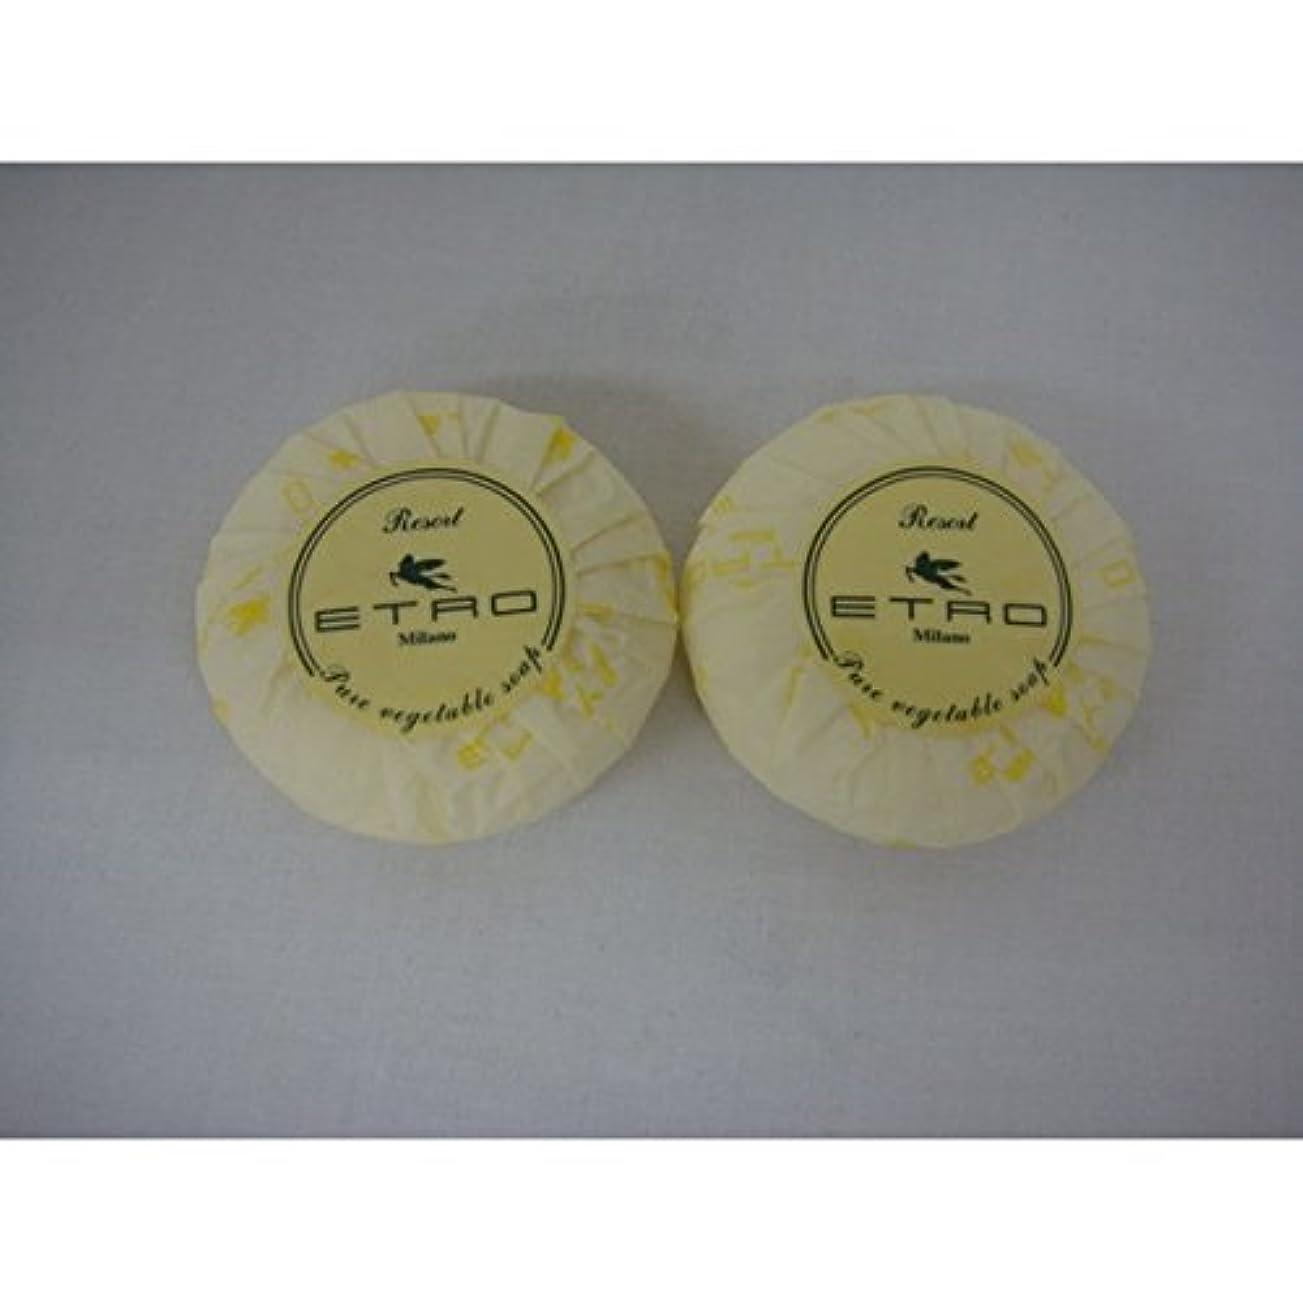 霧深いヒロインパノラマETRO エトロ ピュアベジタブルソープ 石鹸40g×2個